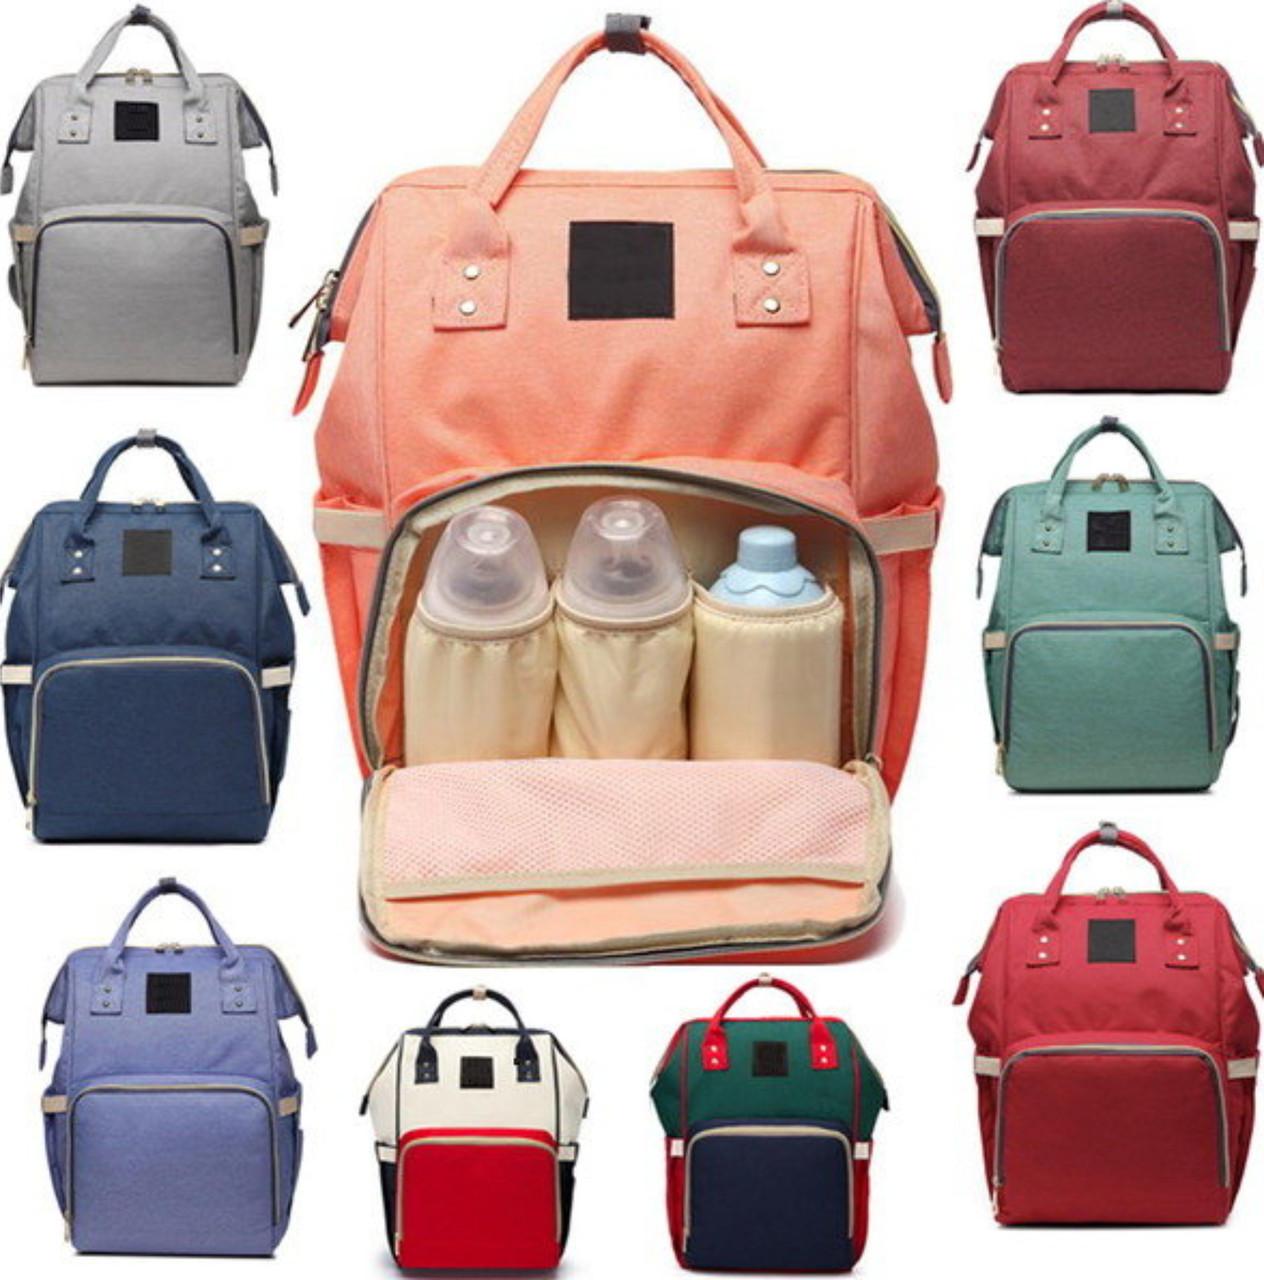 Сумка рюкзак для мам Mummy Bag.  Удобная сумка органайзер. Сумка для сохранения тепла. Сумка рюкзак для мамы.